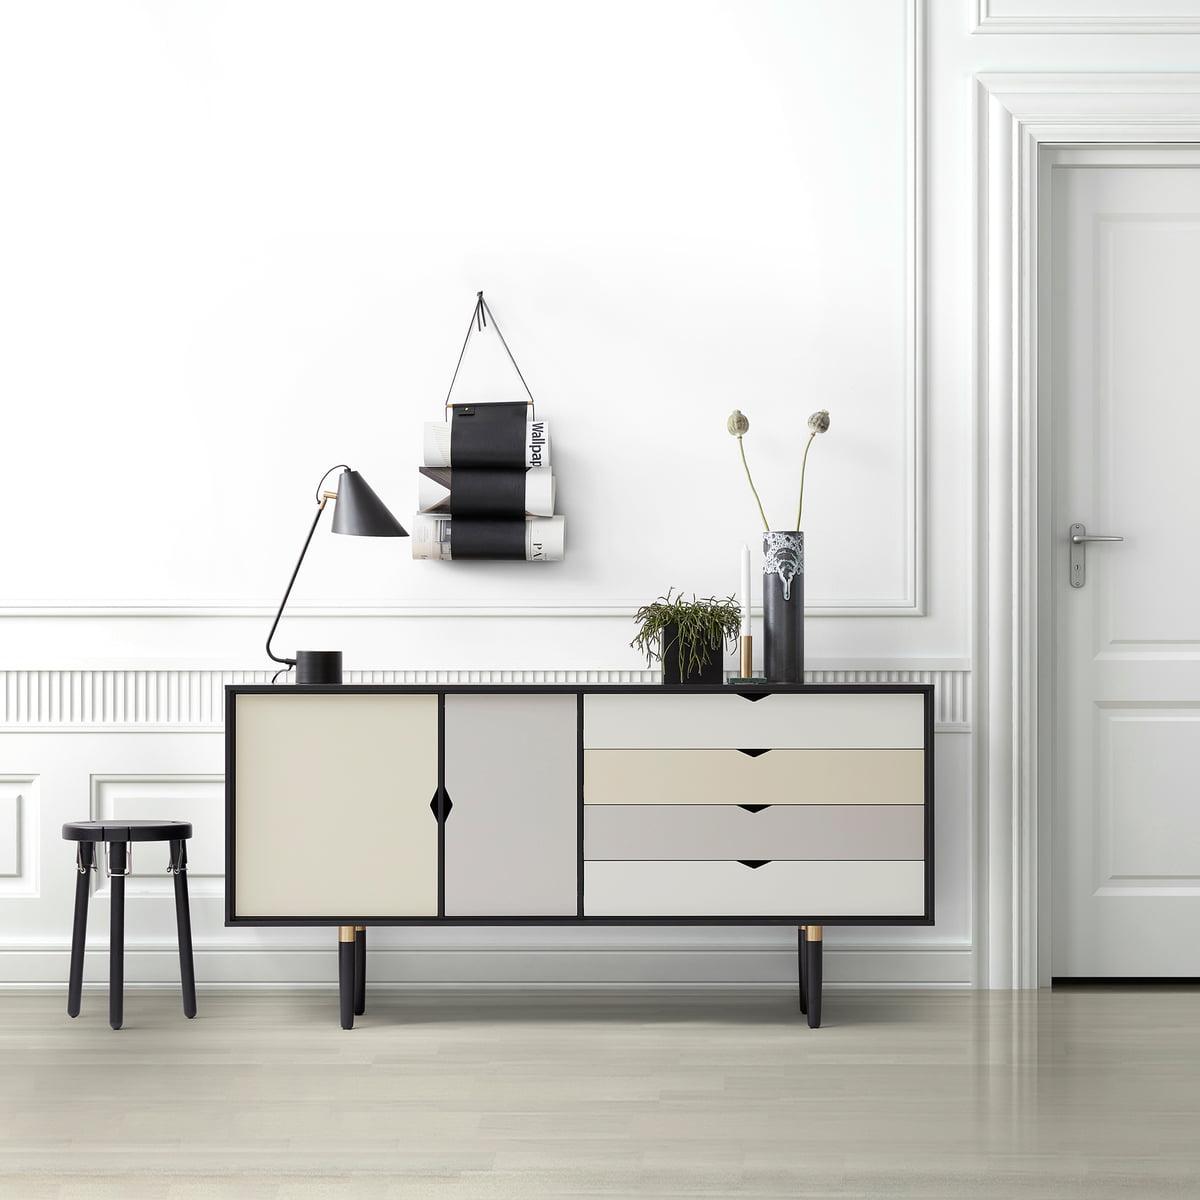 Sideboard Beige s6 sideboard multicoloured andersen furniture